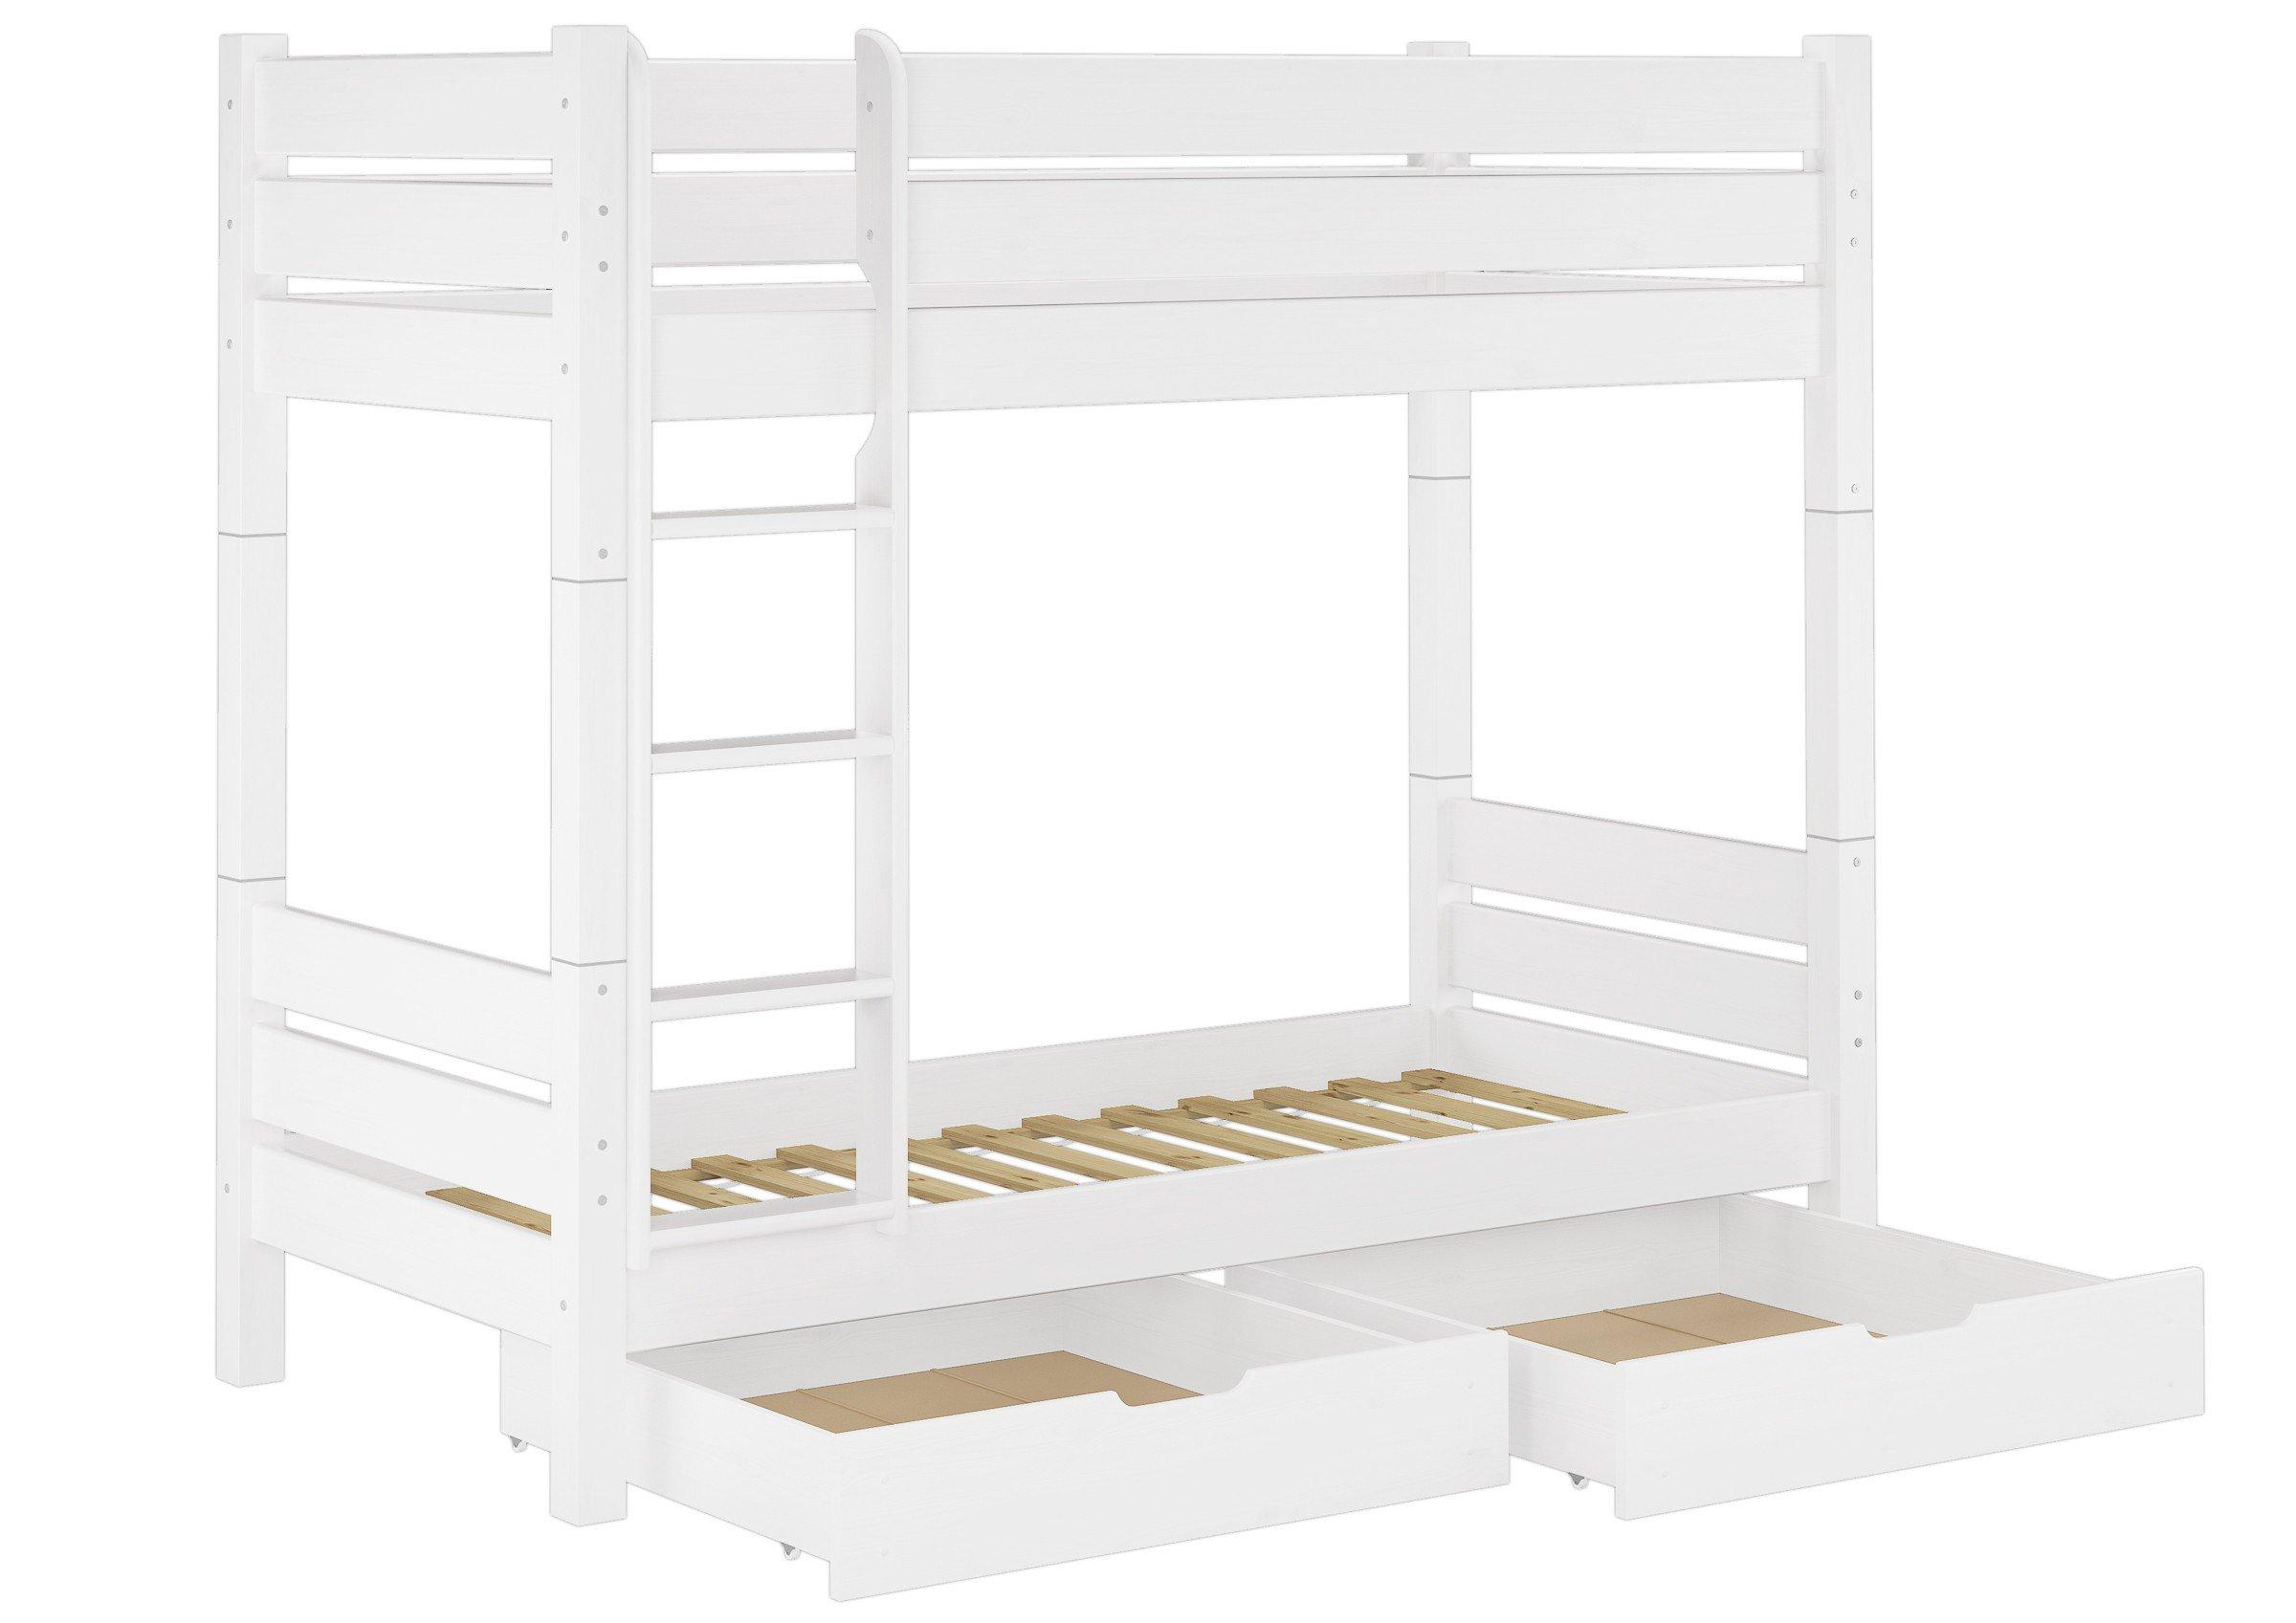 Erst-Holz Litera para Adultos Pino Blanco 100 x 200 Cama Divisible 2 Parrillas Roll cajones 60.16 – 10 W T100 S2: Amazon.es: Hogar